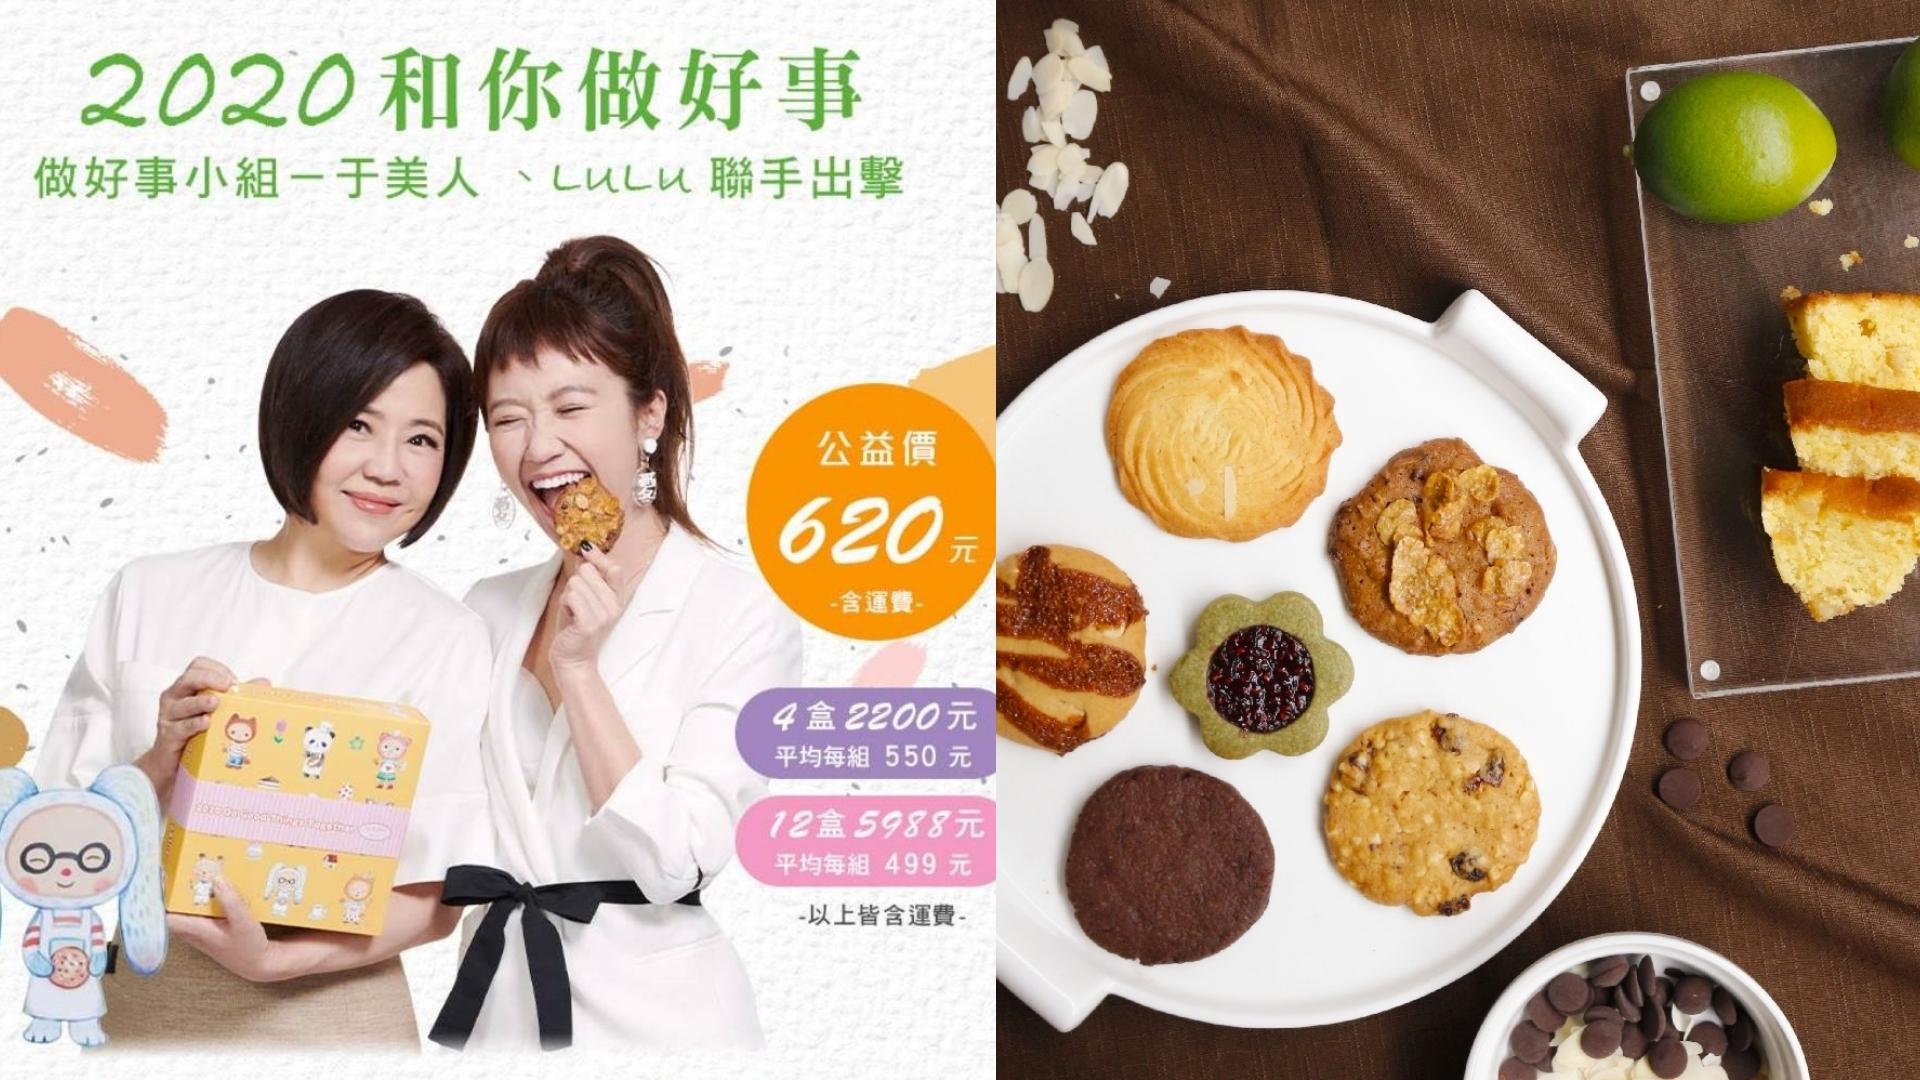 選用各種頂級食材製作而成的餅乾和蛋糕,每一口都是讓人充滿幸福感的好滋味!